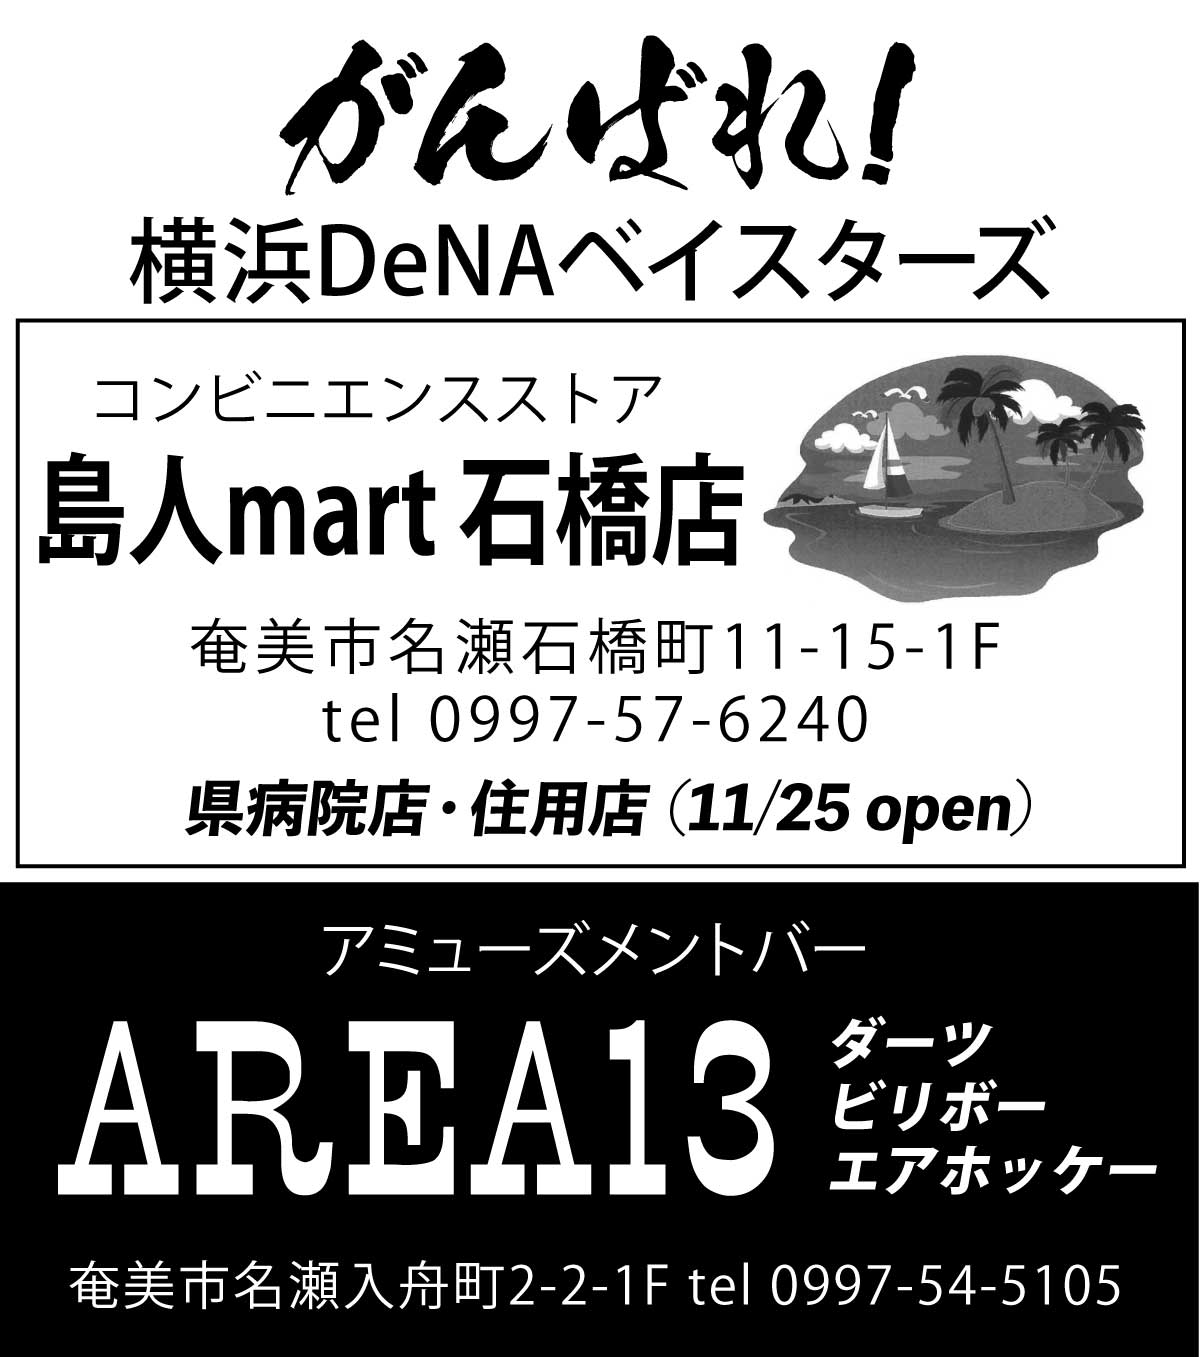 We Love 横浜DeNAベイスターズ #22